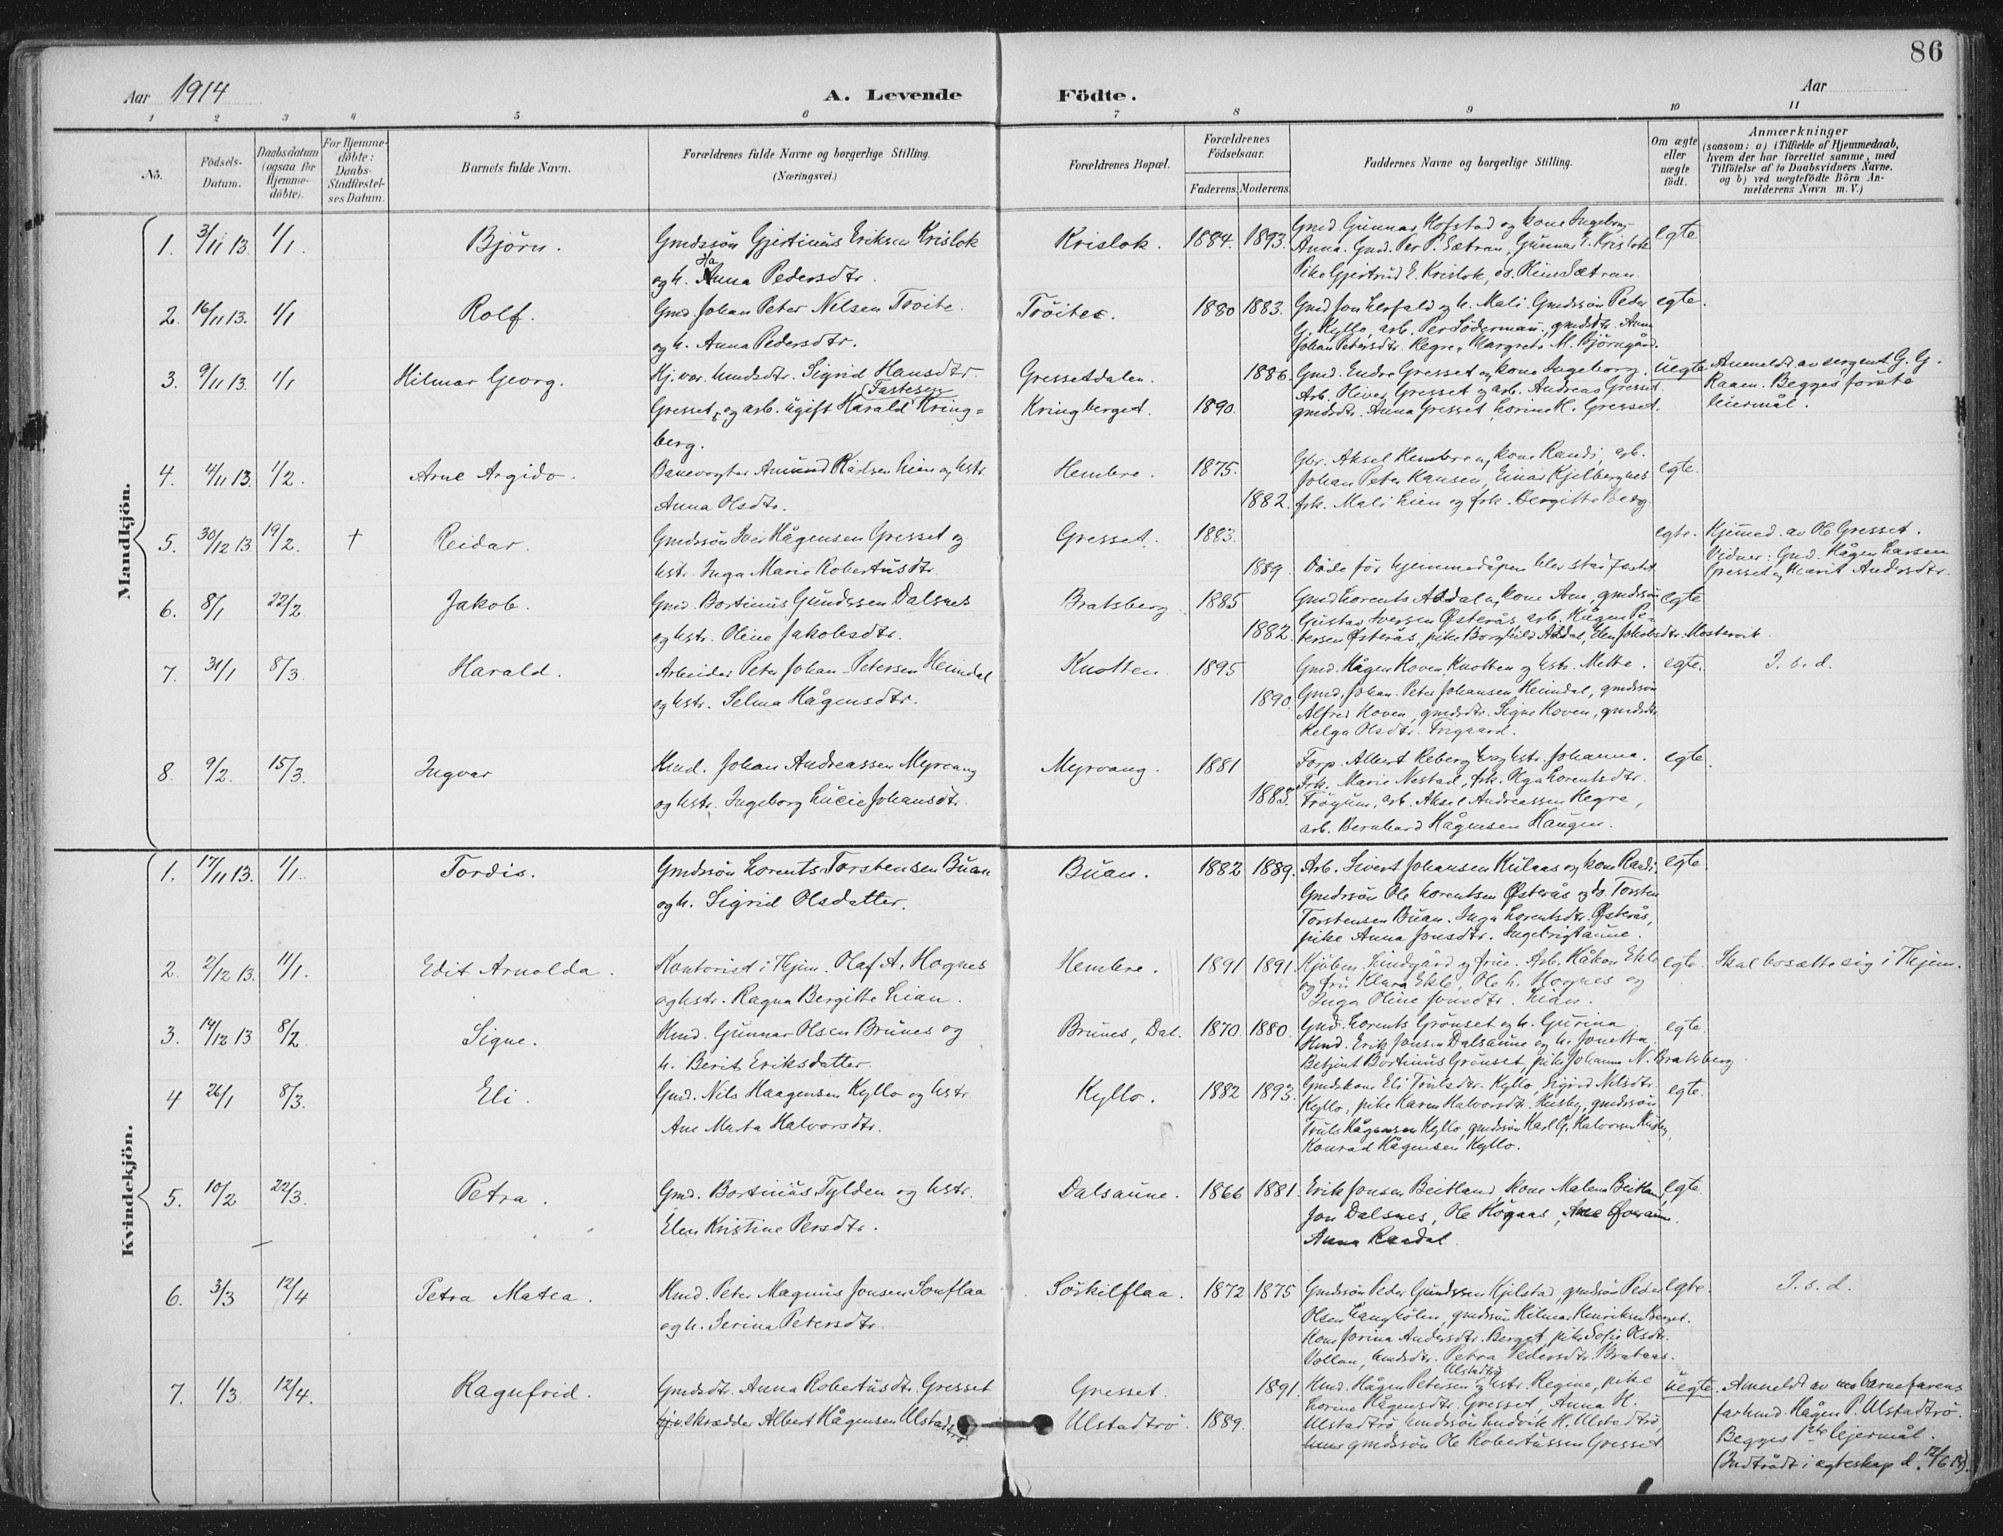 SAT, Ministerialprotokoller, klokkerbøker og fødselsregistre - Nord-Trøndelag, 703/L0031: Ministerialbok nr. 703A04, 1893-1914, s. 86